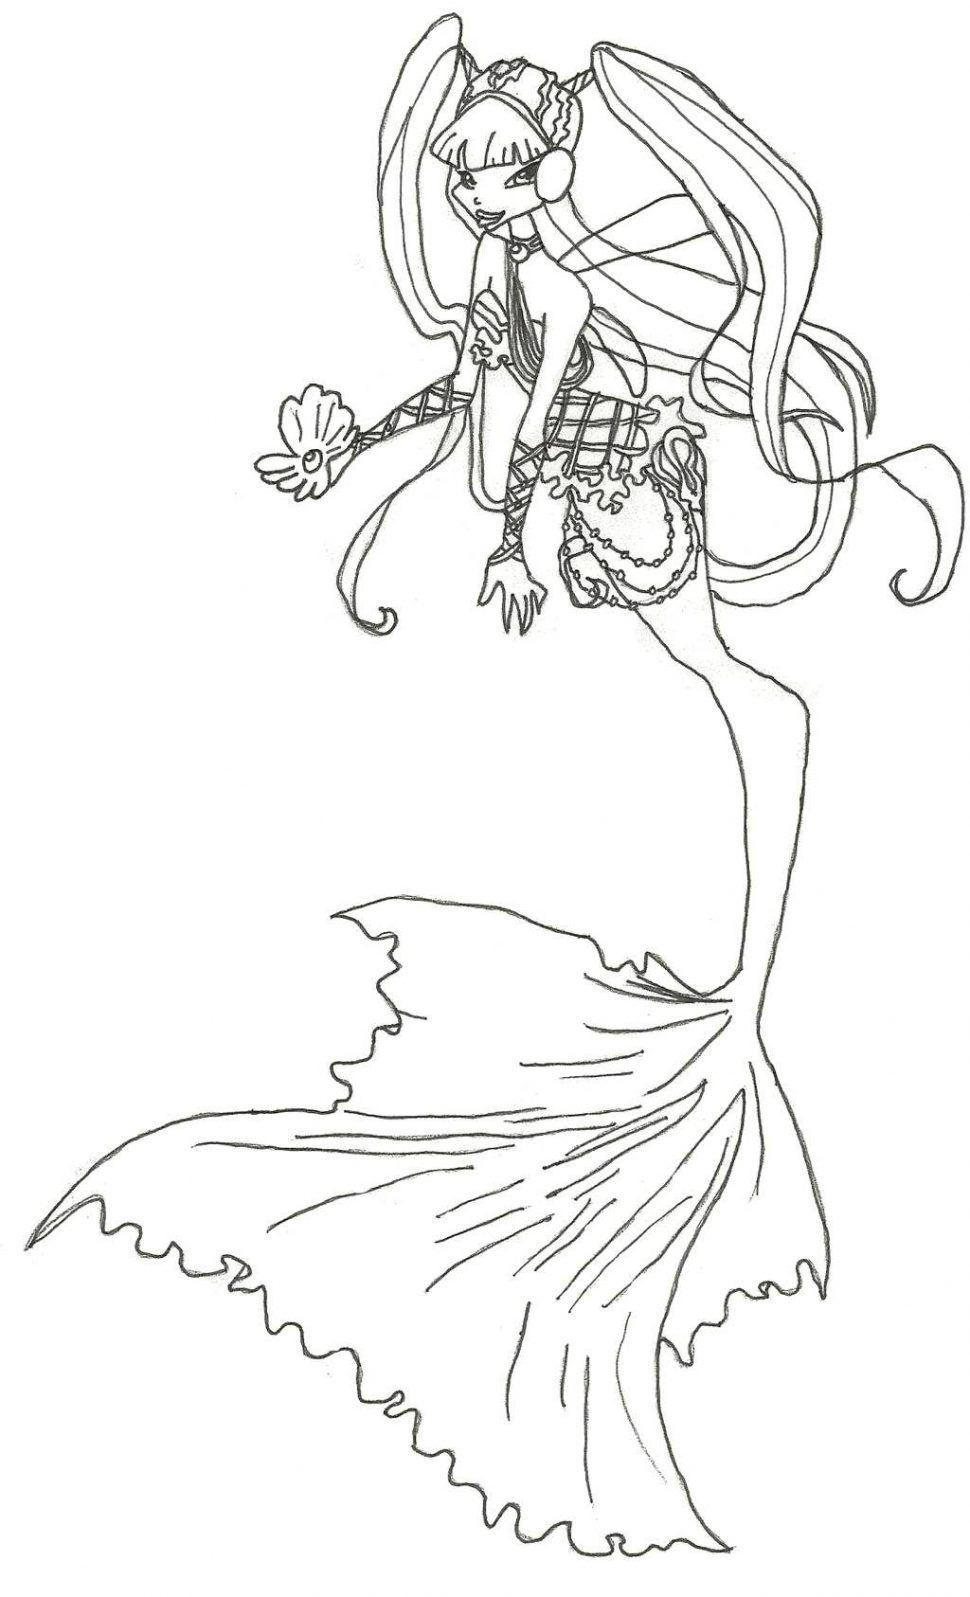 Tranh Tô Màu Công Chúa Phép Thuật Winx - Bloom 40